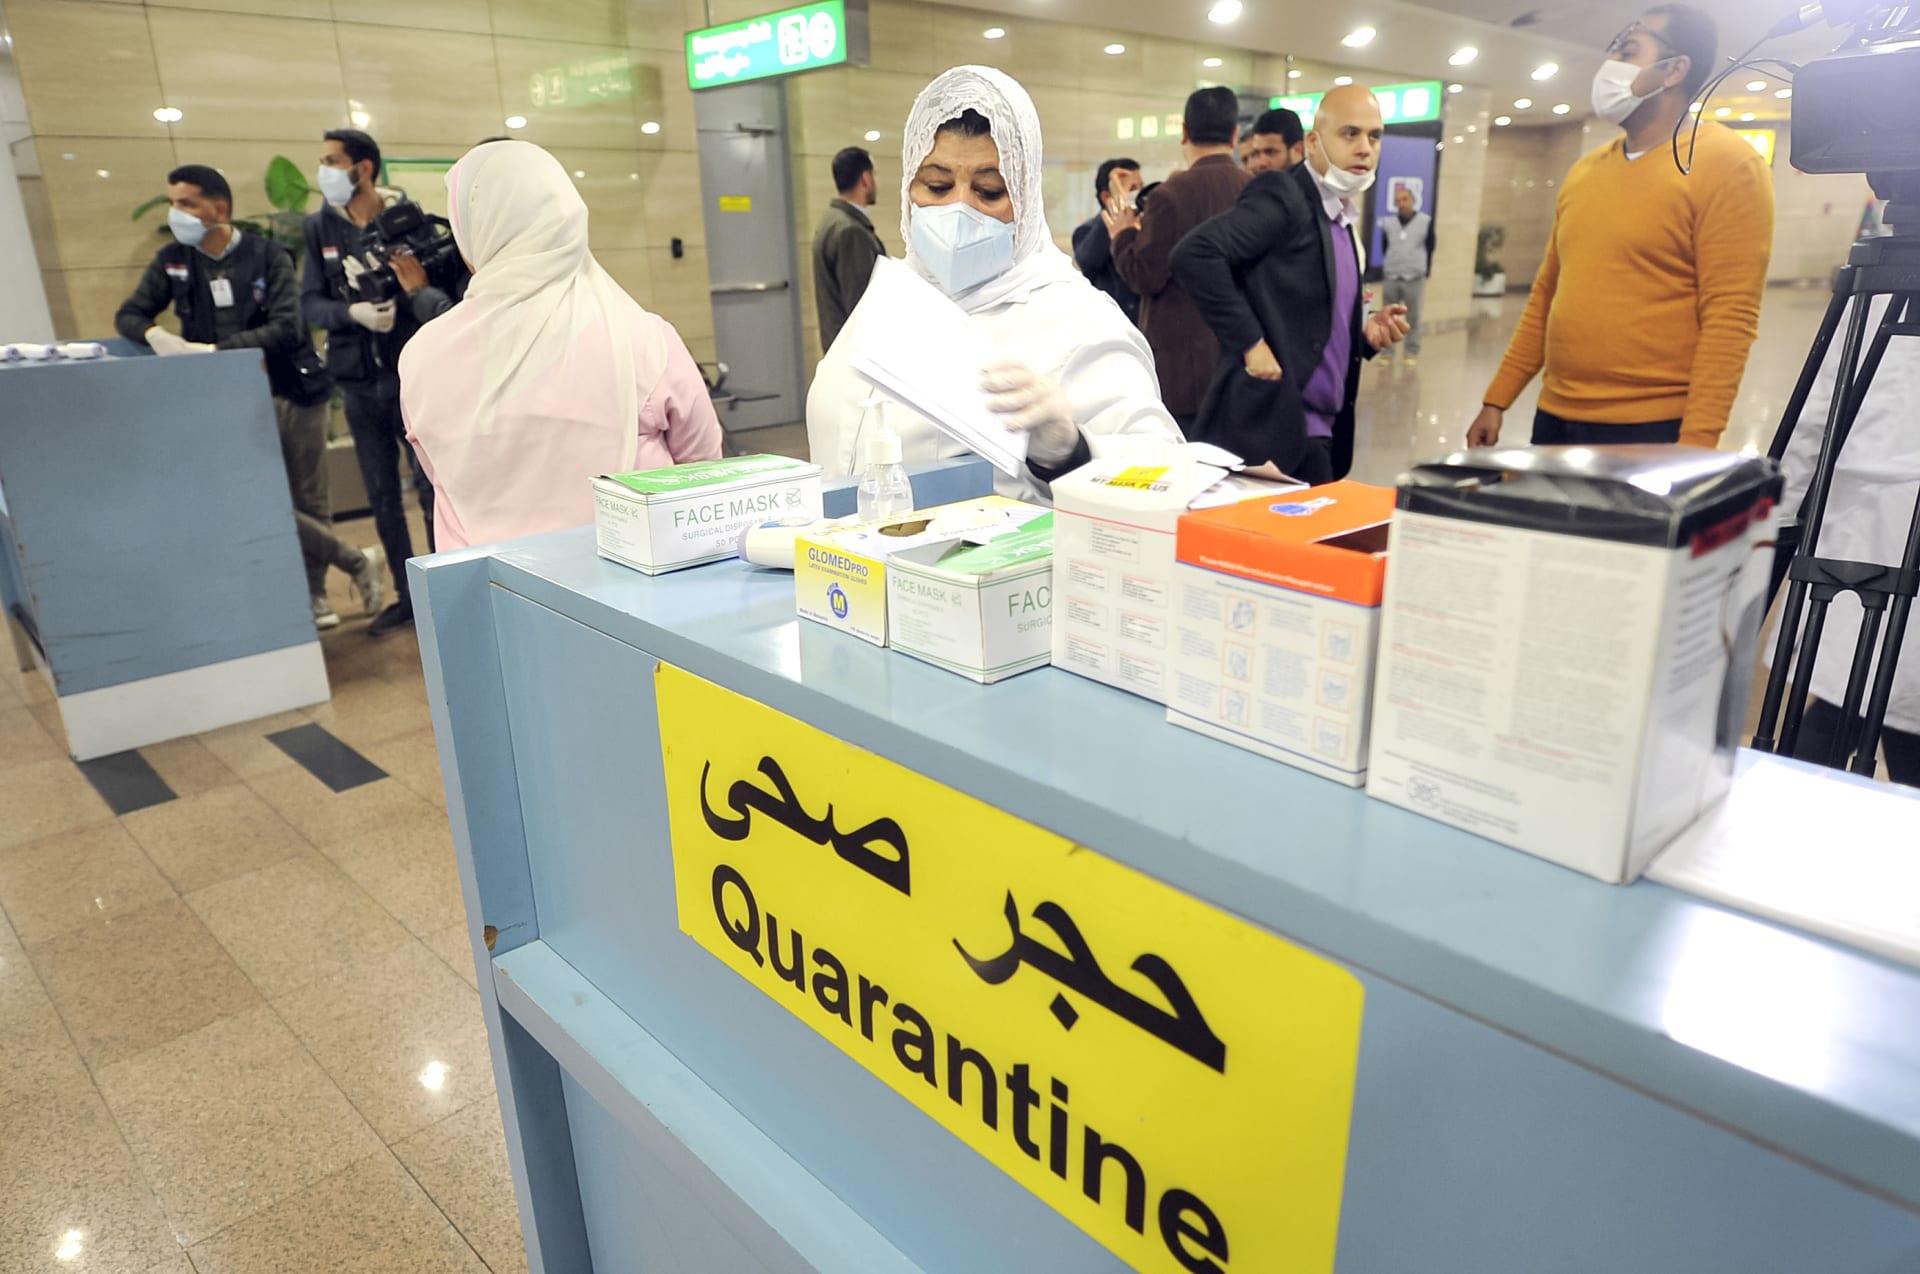 قسم الحجر الصحي في مطار القاهرة الدولي